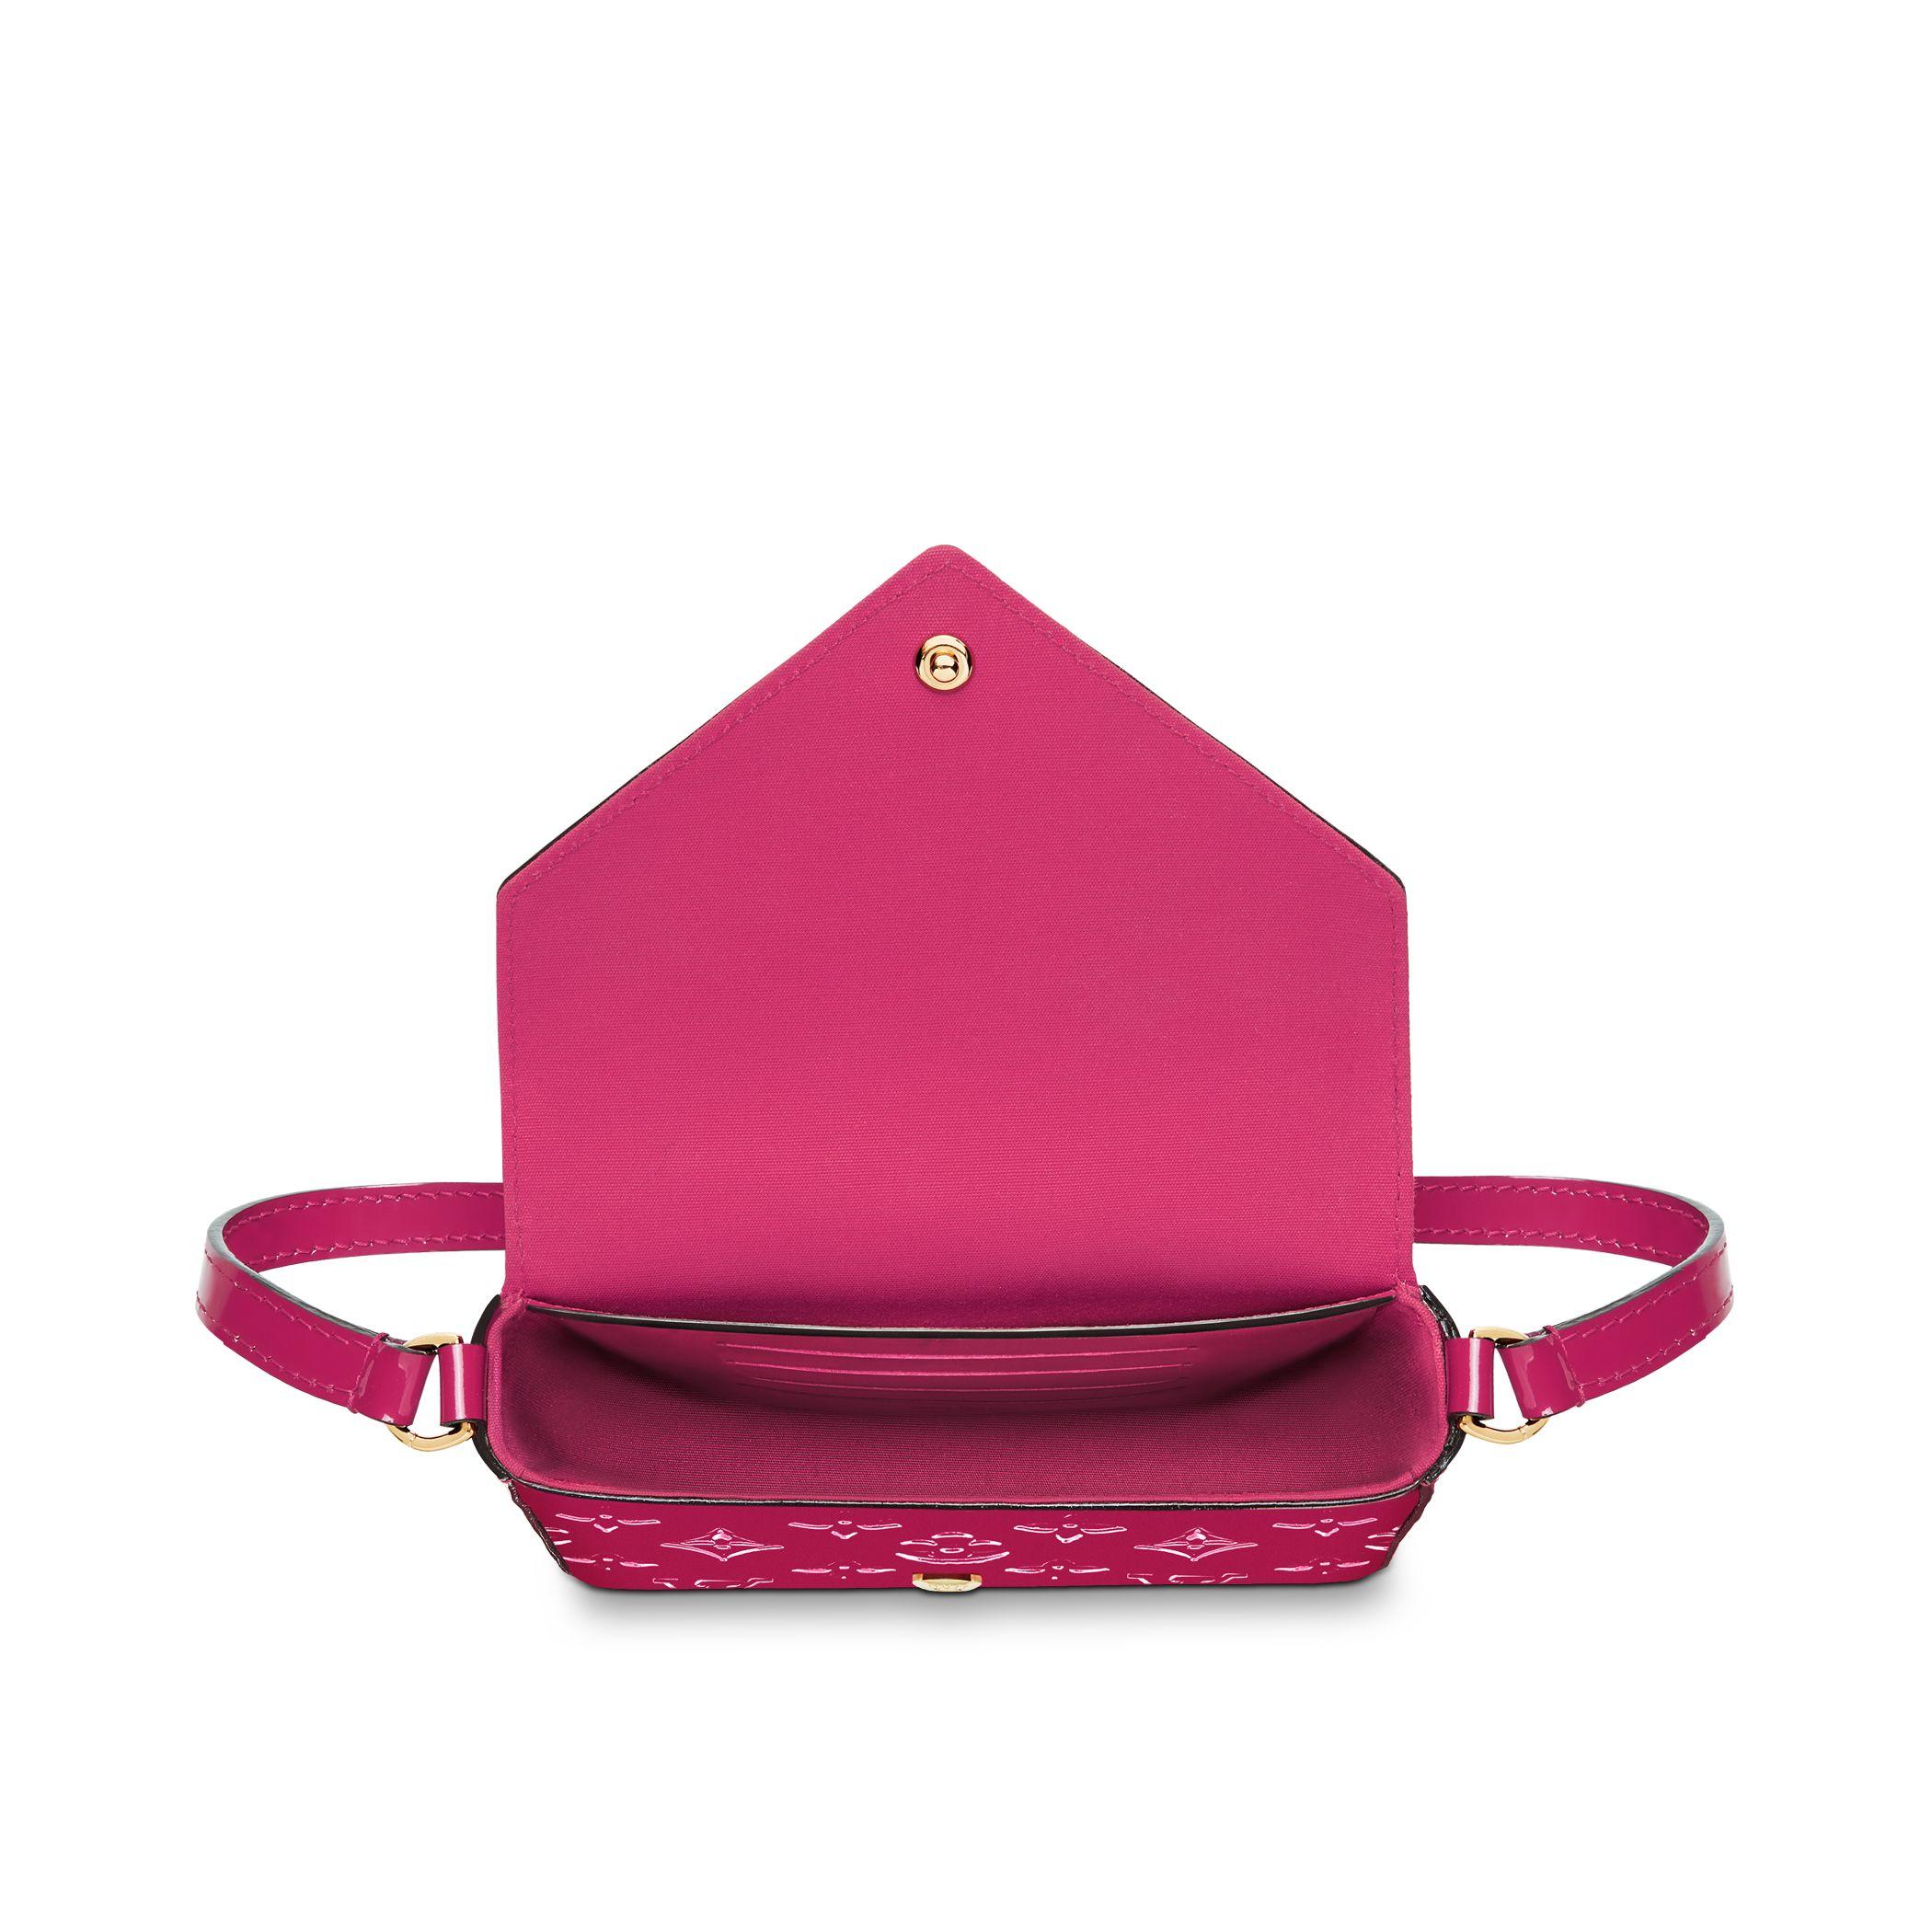 yves saint laurent sale bags - sac de jour mini grained bonded leather satchel bag, rose